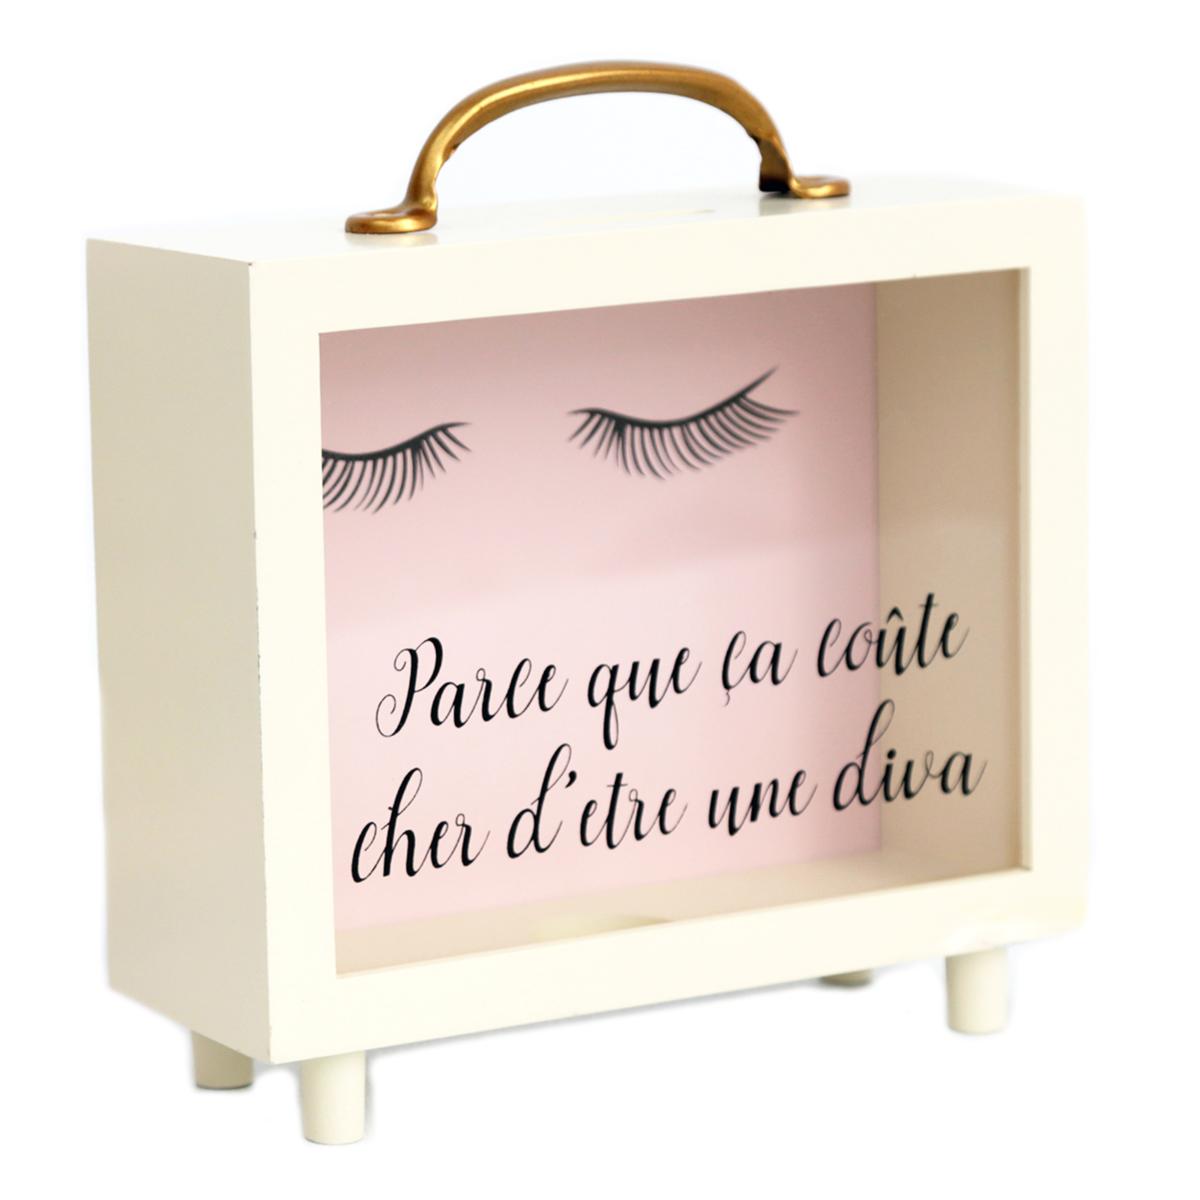 Tirelire valise bois \'Diva - Yeux Endormis\' beige rose (Parce que ça coûte cher d\'être une diva) - 20x16x7 cm - [R0858]